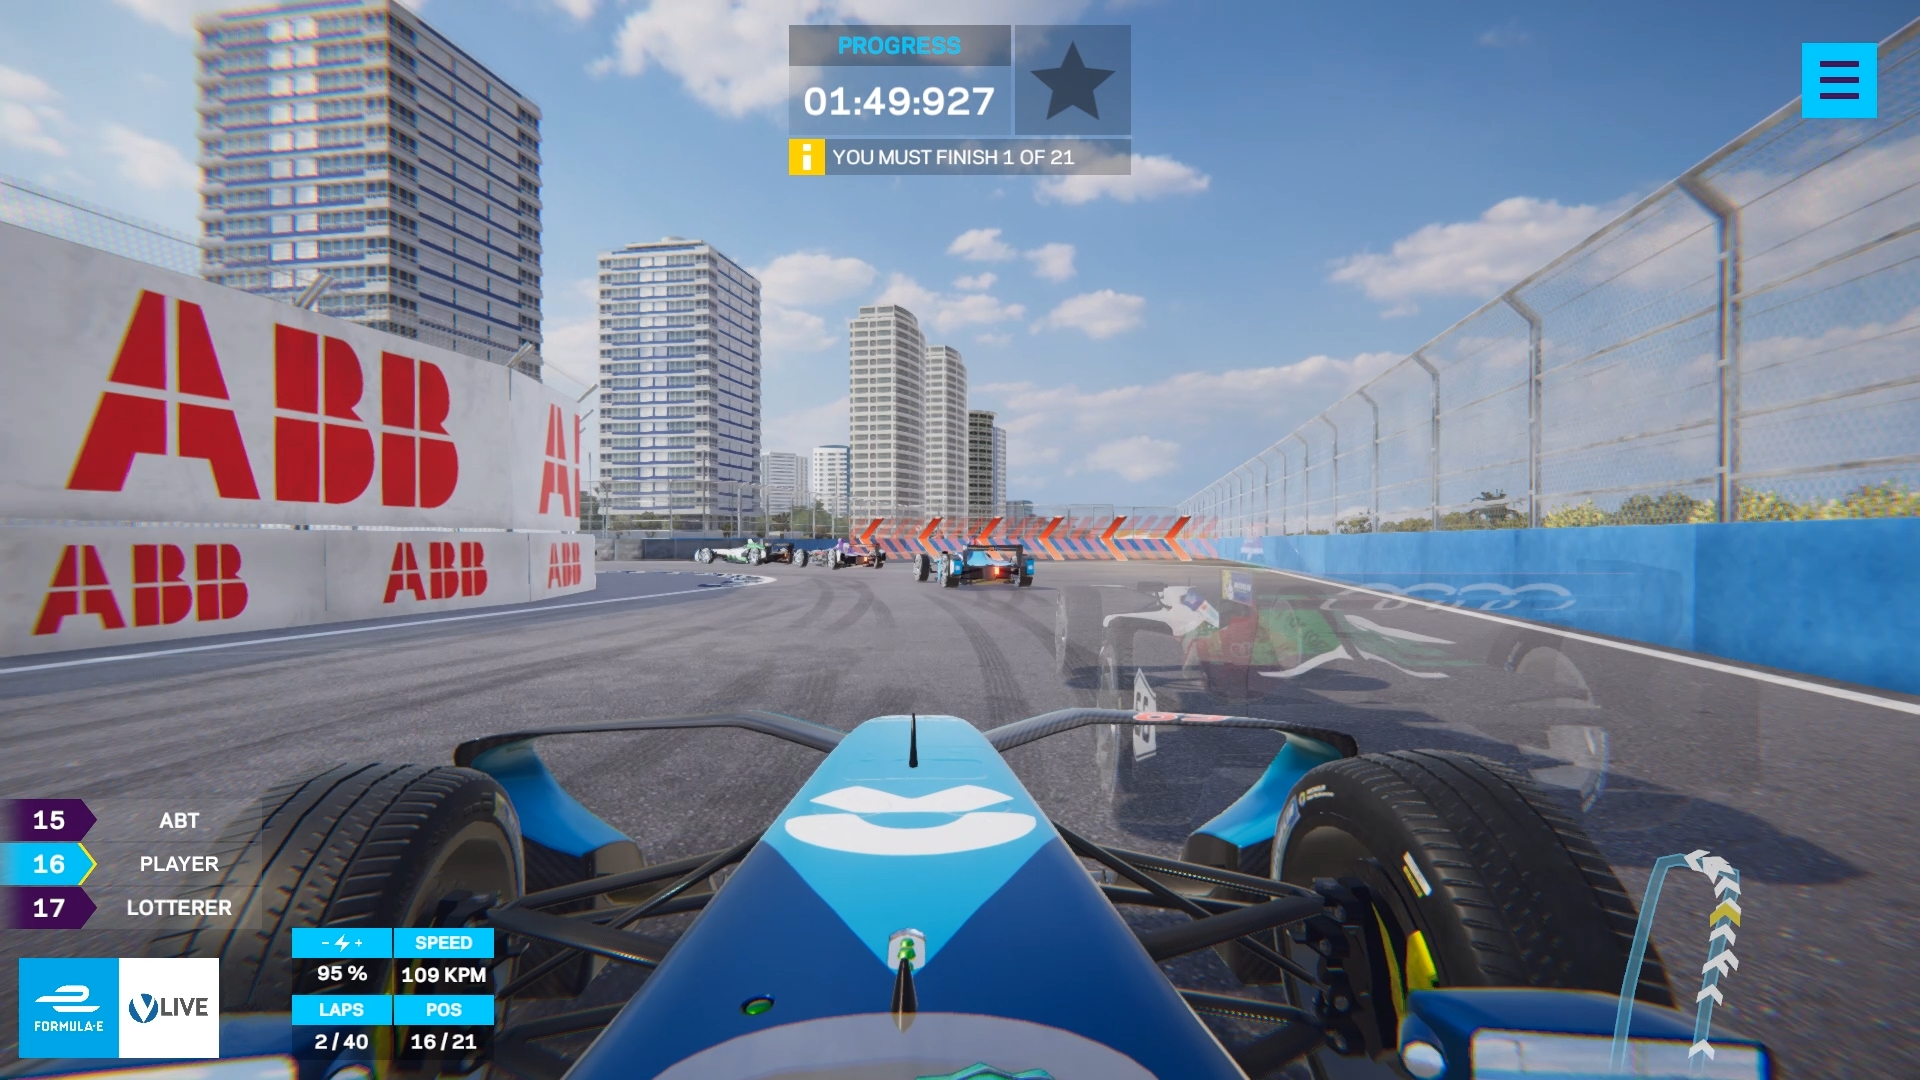 Formula E Live Ghost Racing | Fia Formula E Formula E Calendar 2019 Download